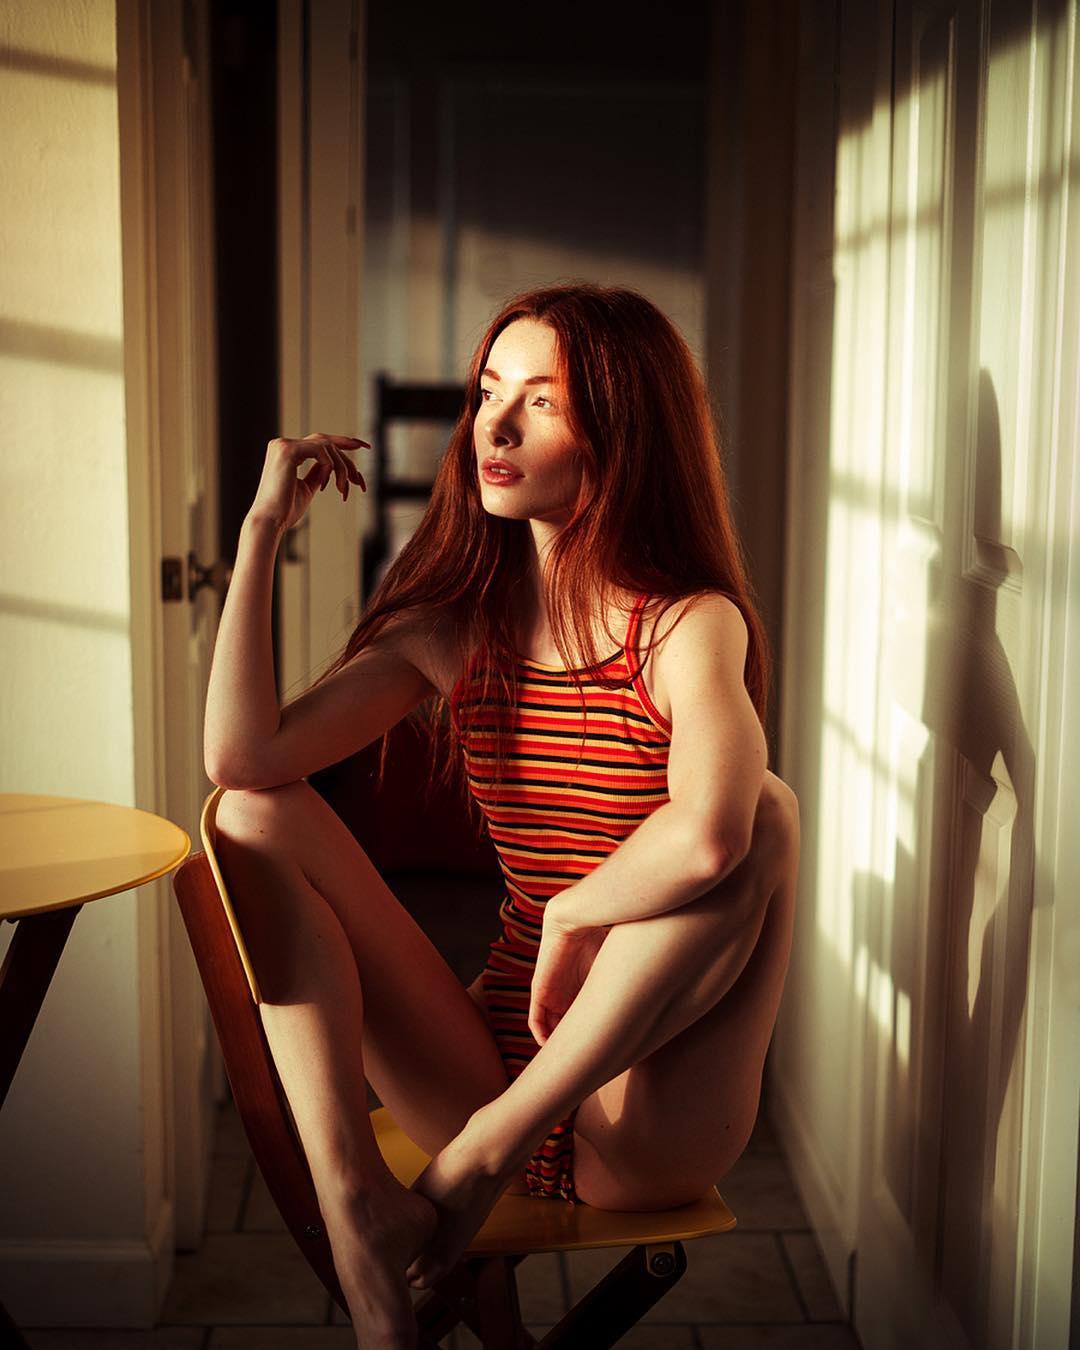 Чувственные снимки девушек от Рида Уолчла